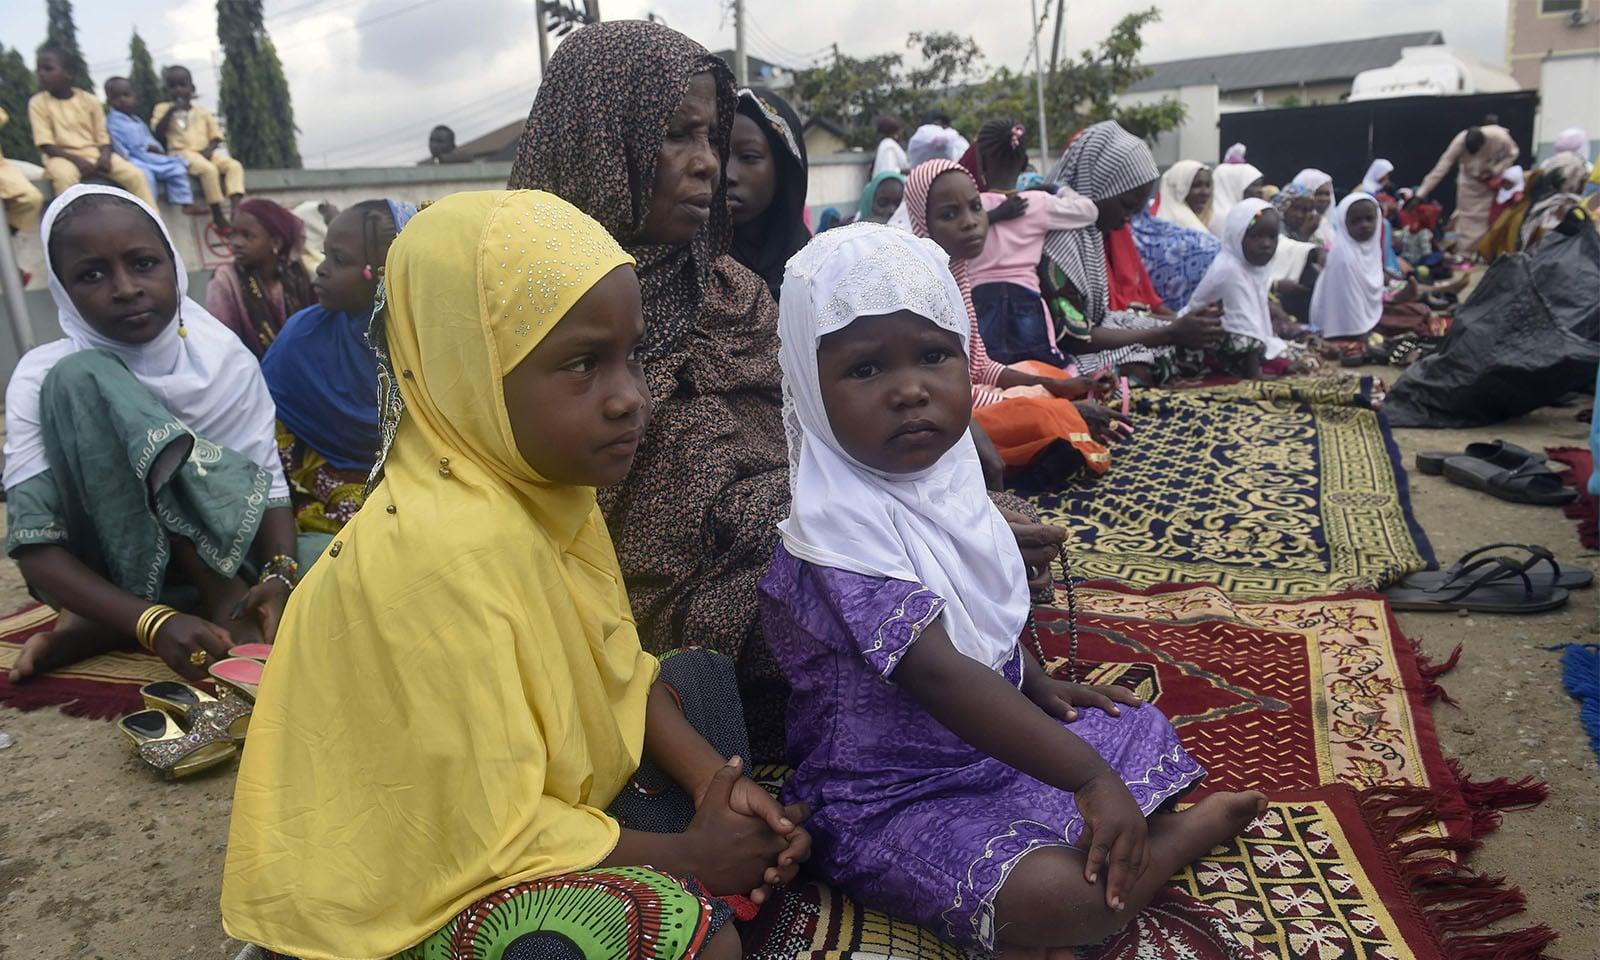 نائیجیریا میں اپنی والدہ کے ساتھ نمازِ عید ادا کرنے والی 2 معصوم بچیاں—تصویر:اے ایف پی